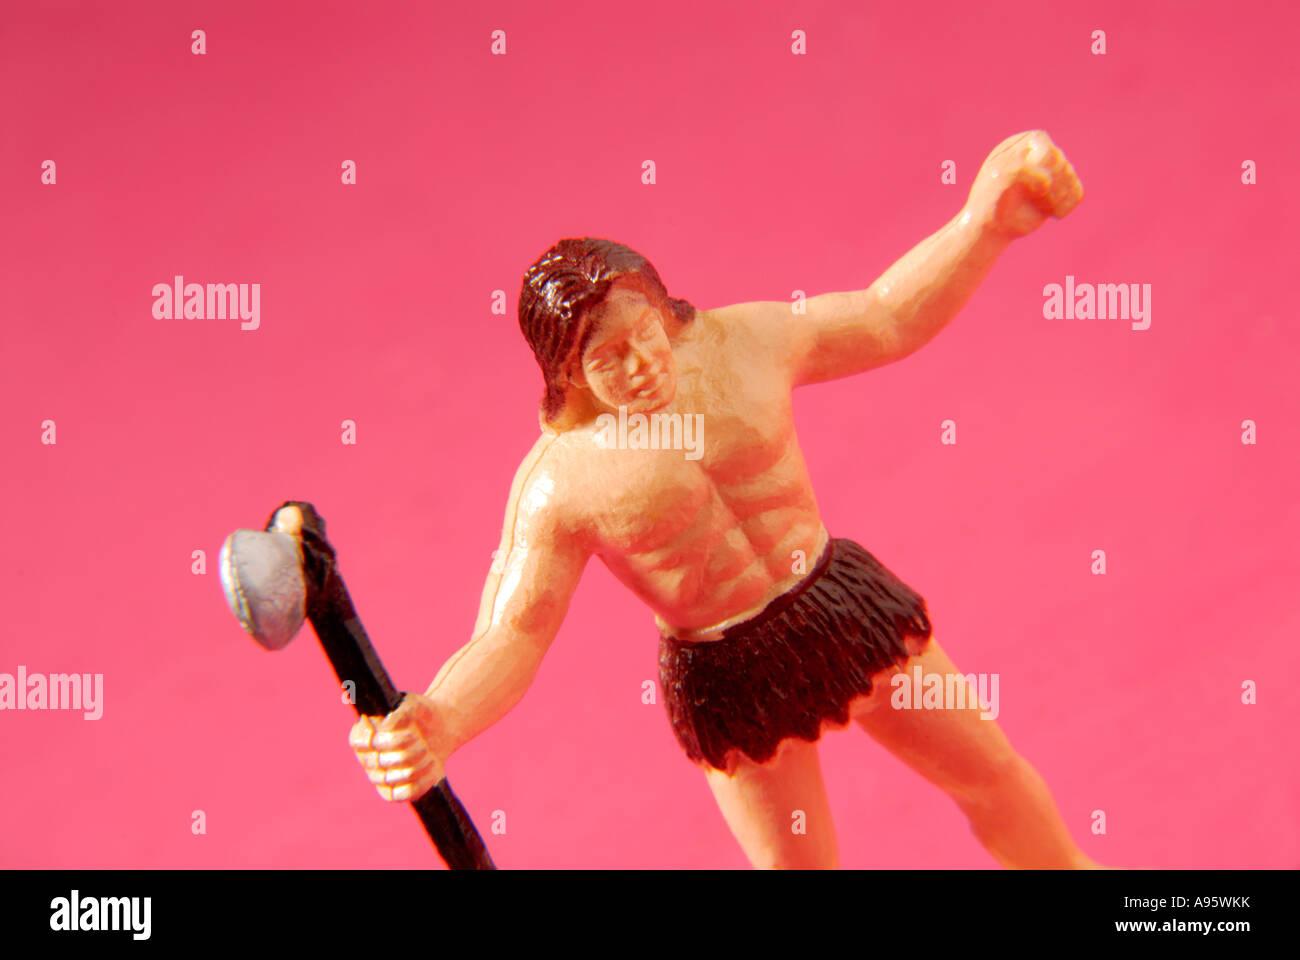 Toy Caveman - Stock Image